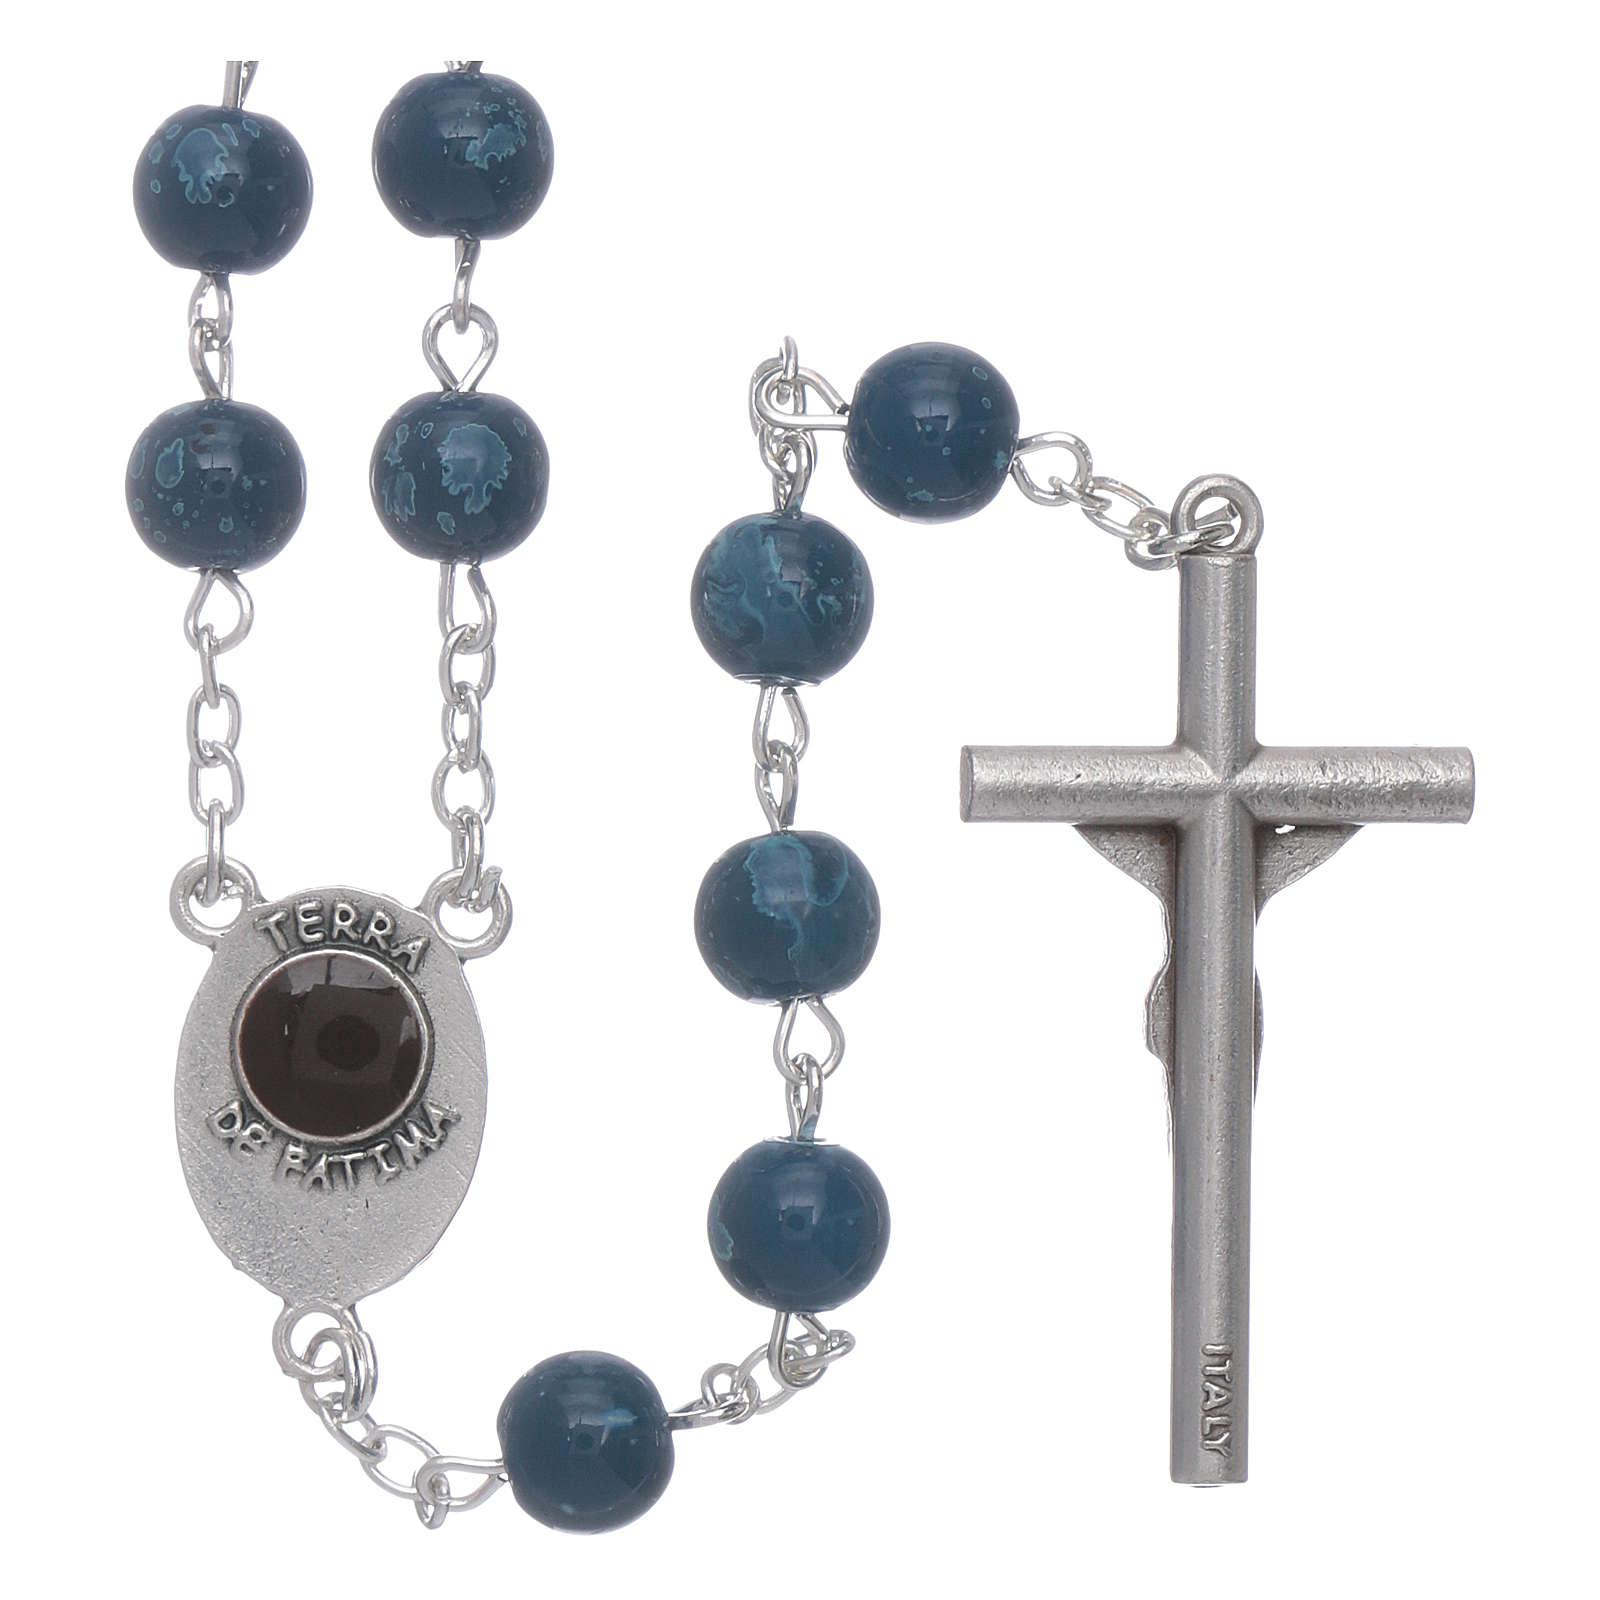 Chapelet Notre-Dame de Fatima grains verre bleu agate avec boîte 4